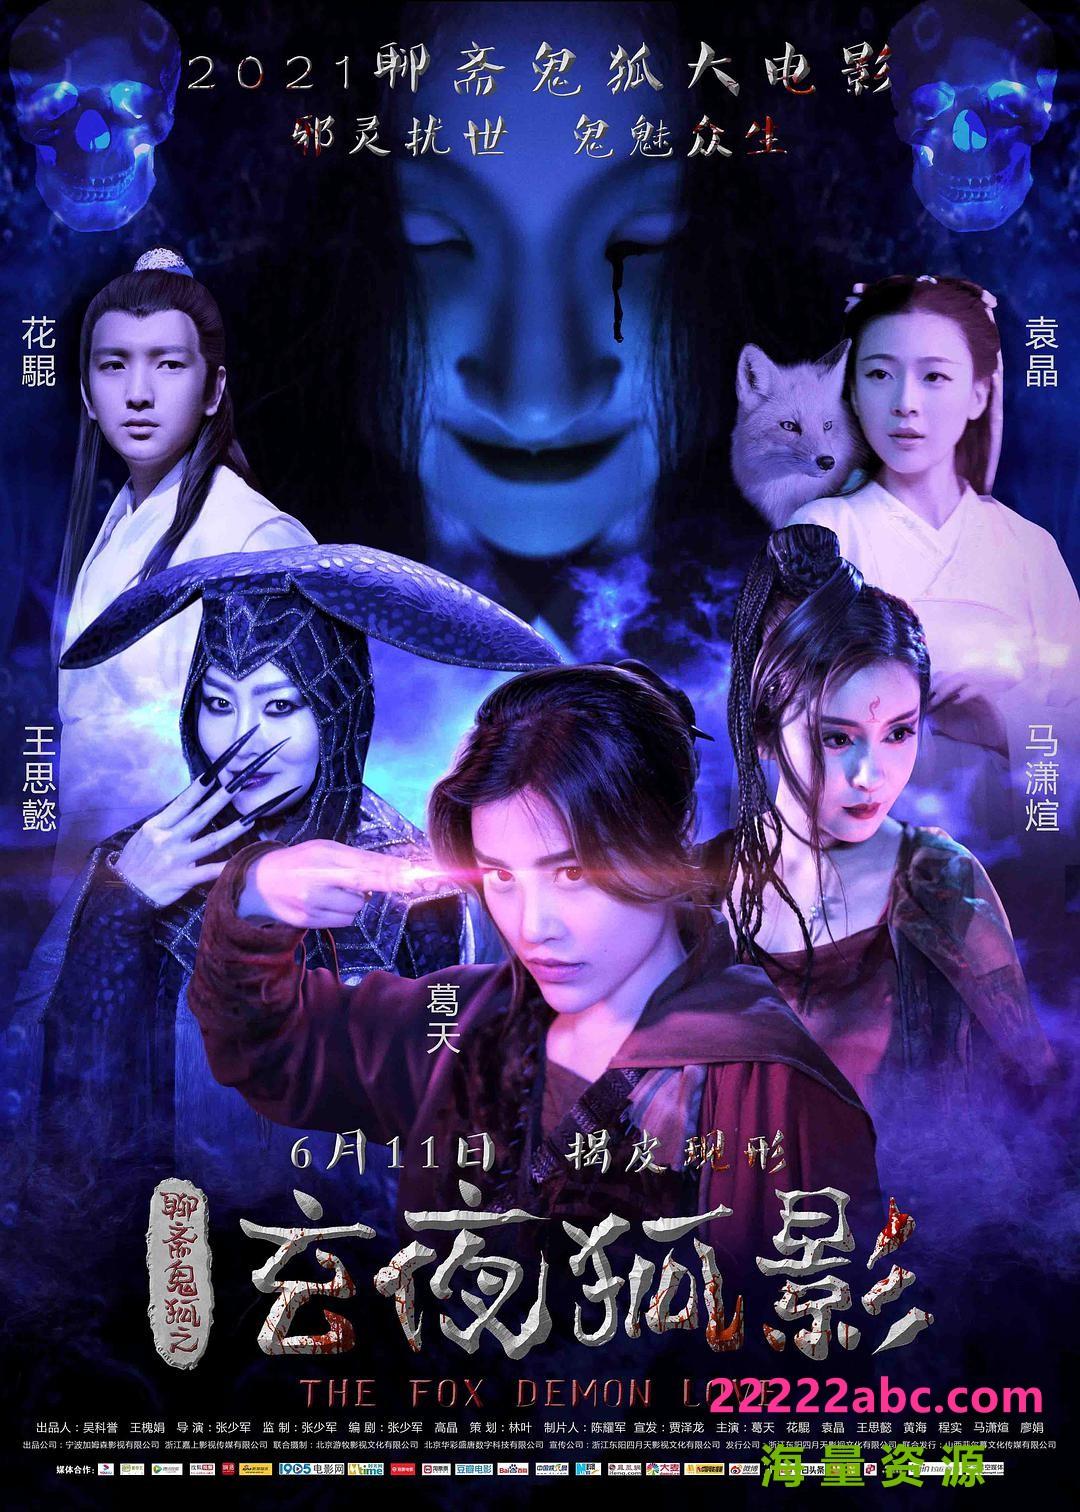 2021惊悚奇幻《玄夜狐影》HD4K/1080P.国语中字4K 1080P高清